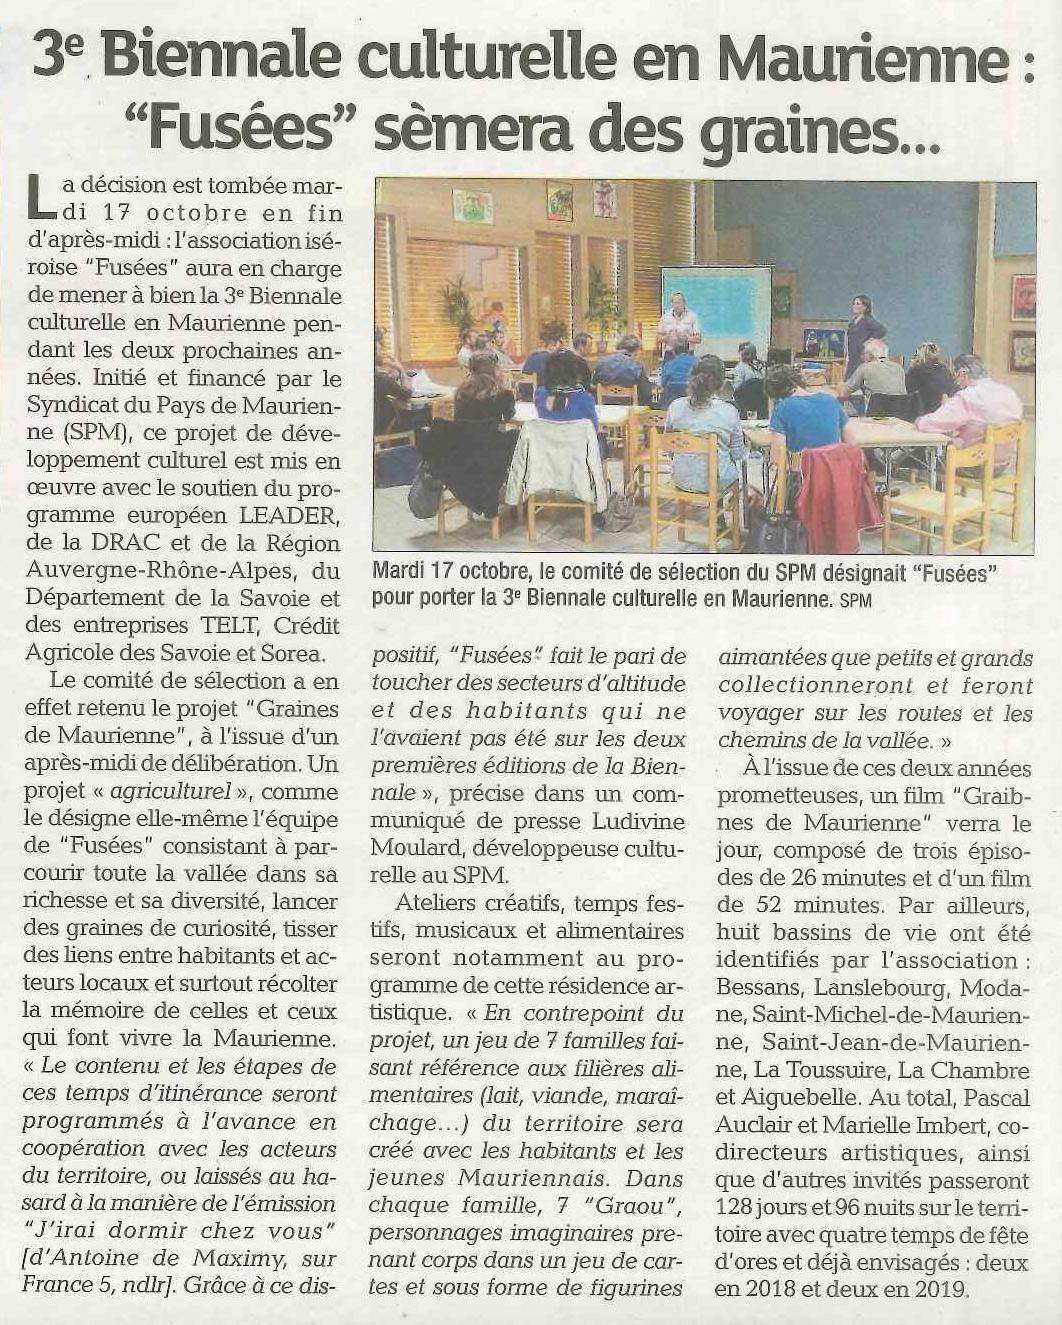 La Maurienne du 26 octobre 2017